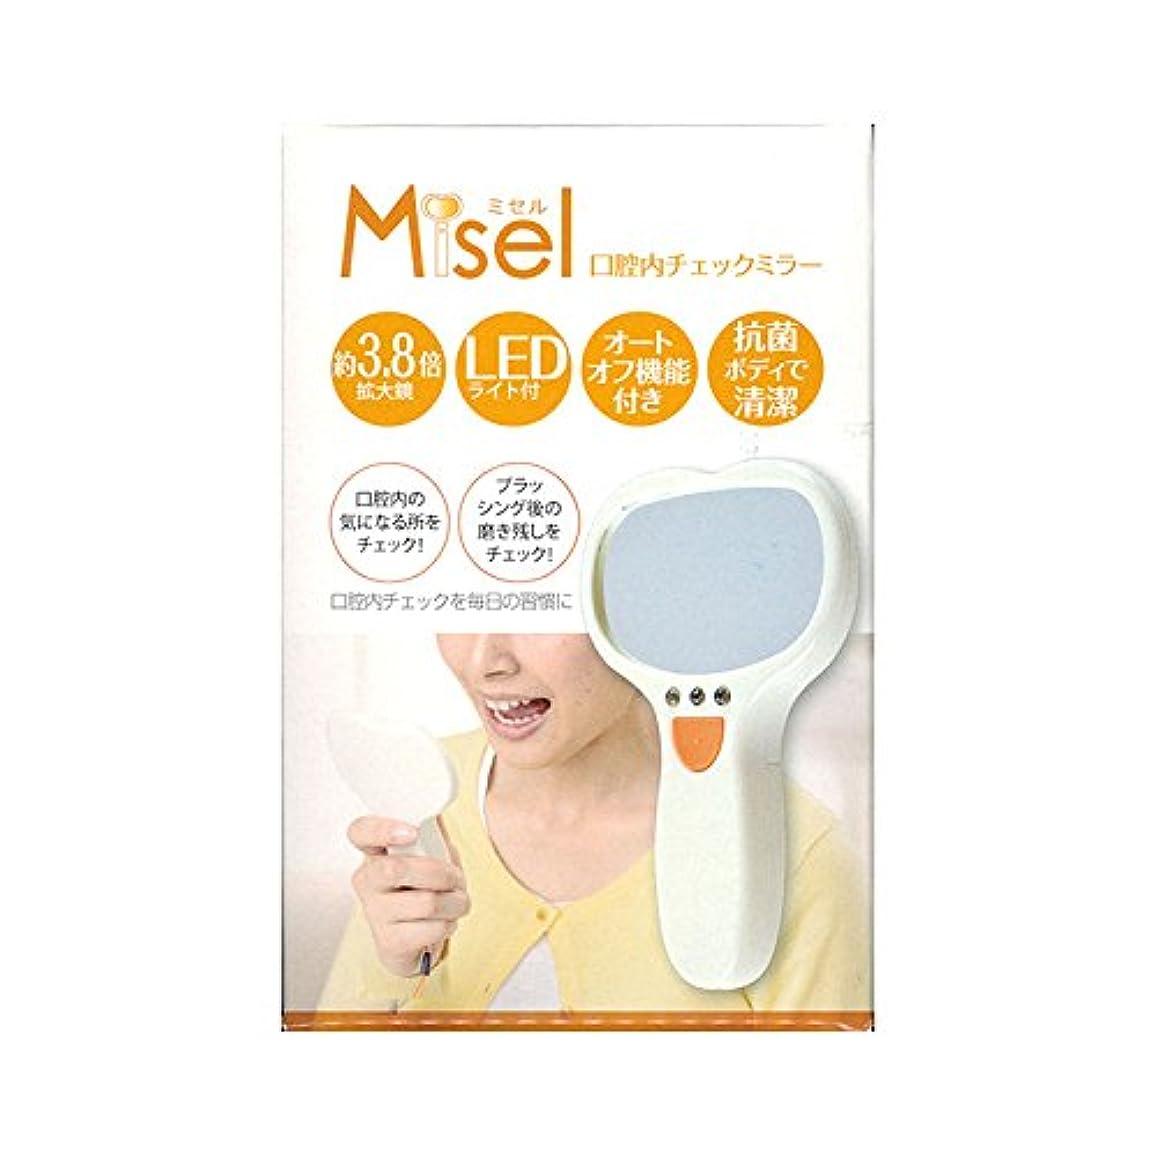 マイルストーンエミュレートする位置する口腔内チェックミラー ミセル Misel